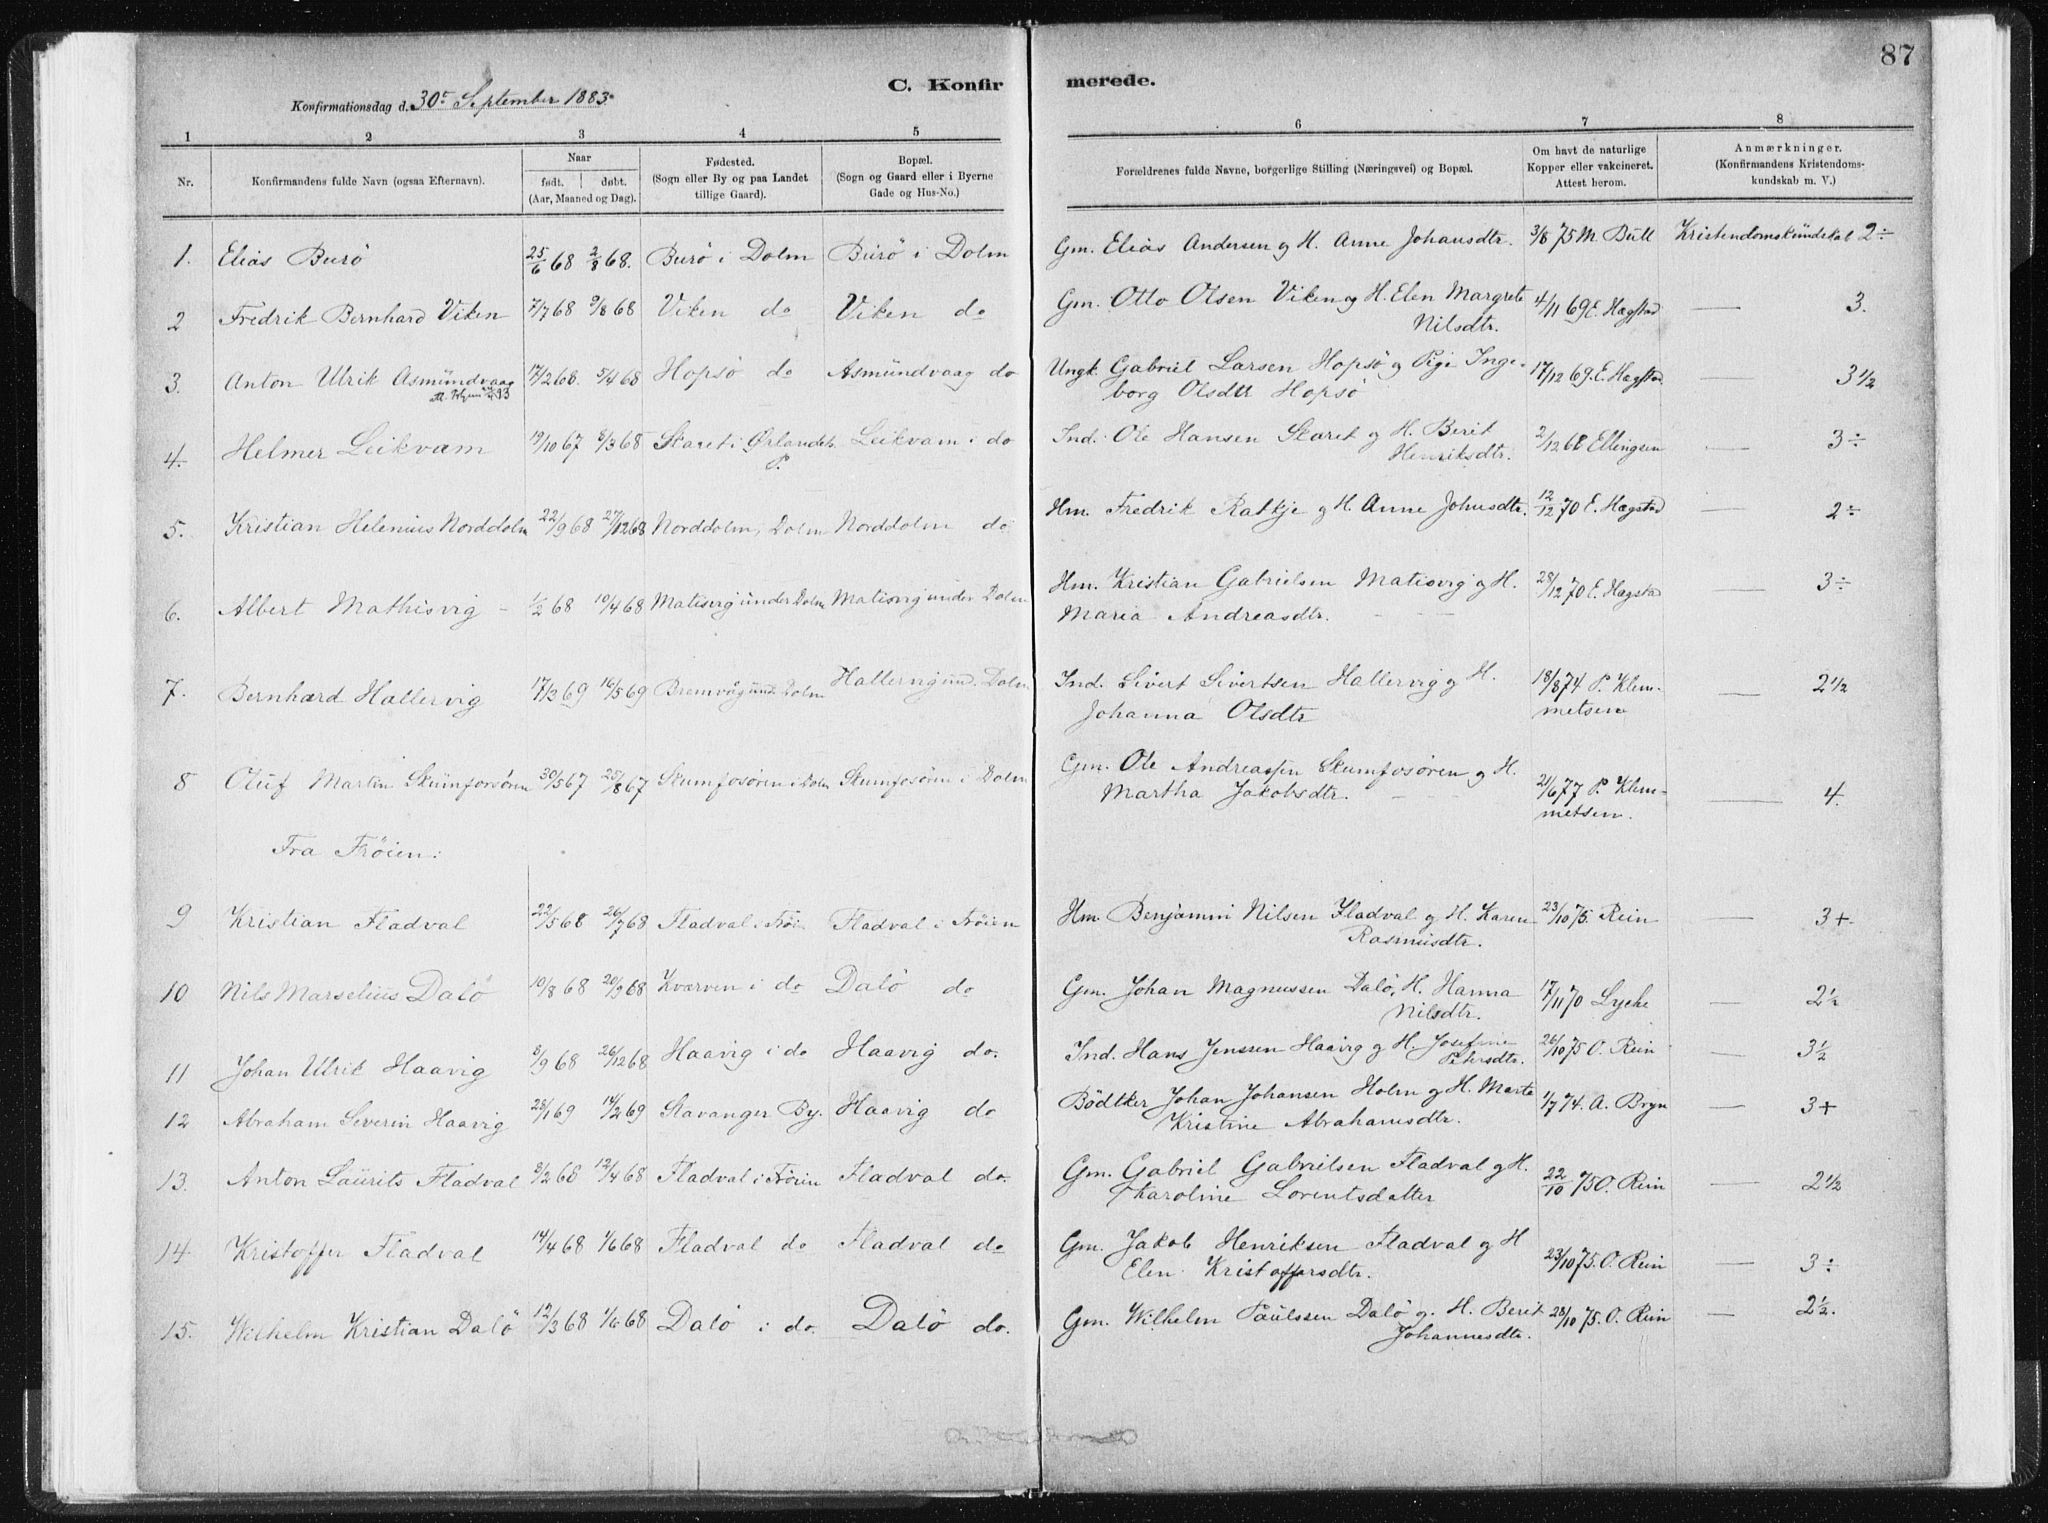 SAT, Ministerialprotokoller, klokkerbøker og fødselsregistre - Sør-Trøndelag, 634/L0533: Ministerialbok nr. 634A09, 1882-1901, s. 87